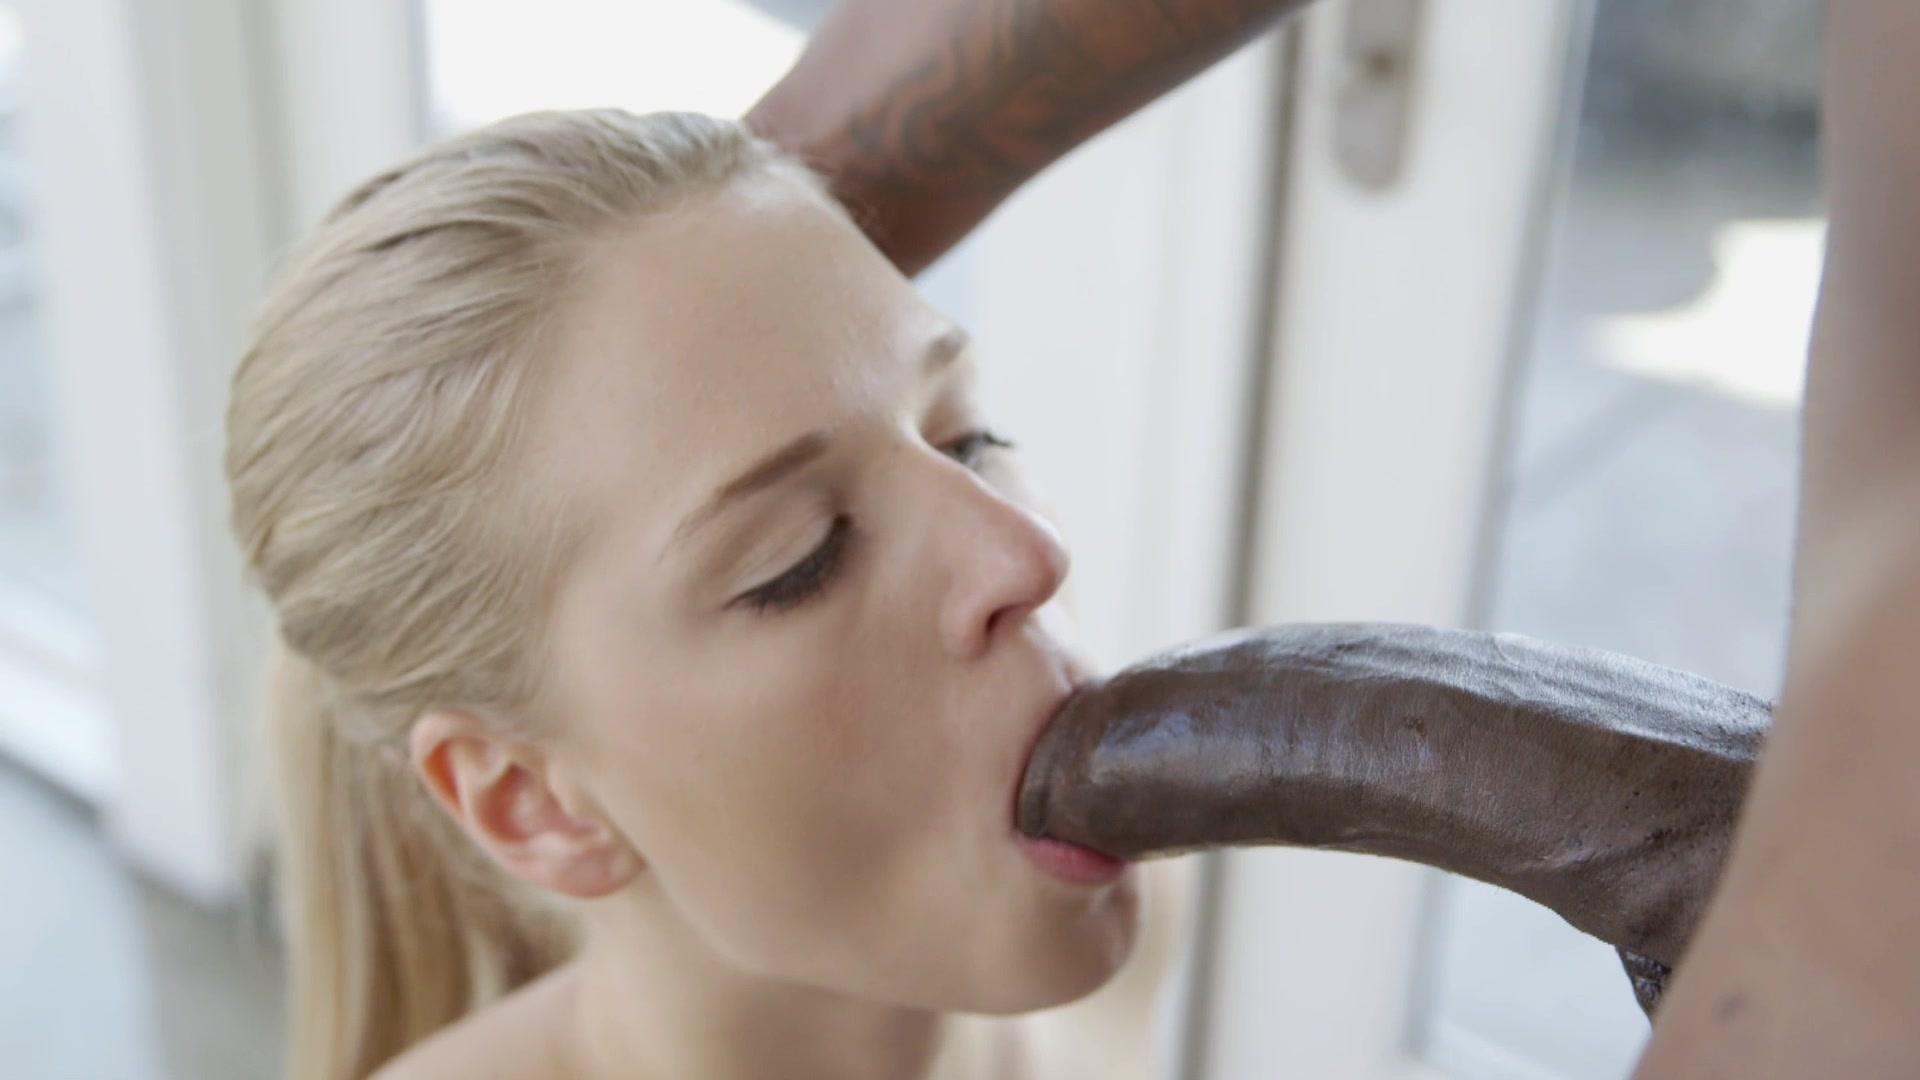 Porno black asss